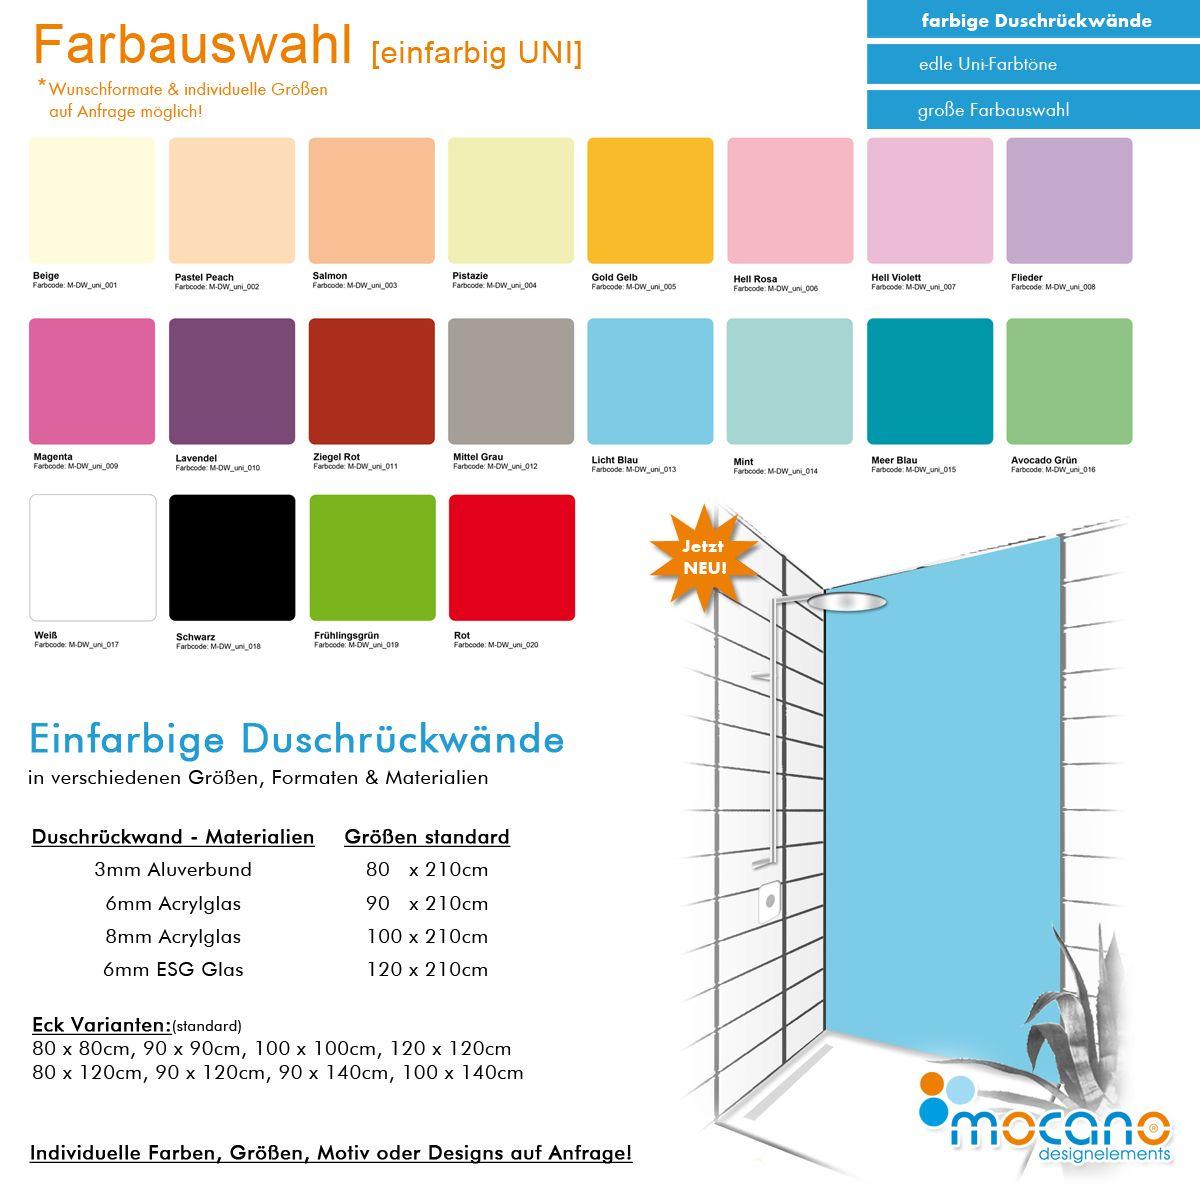 Farbauswahl An Einfarbigen Duschruckwanden Des Markenherstellers